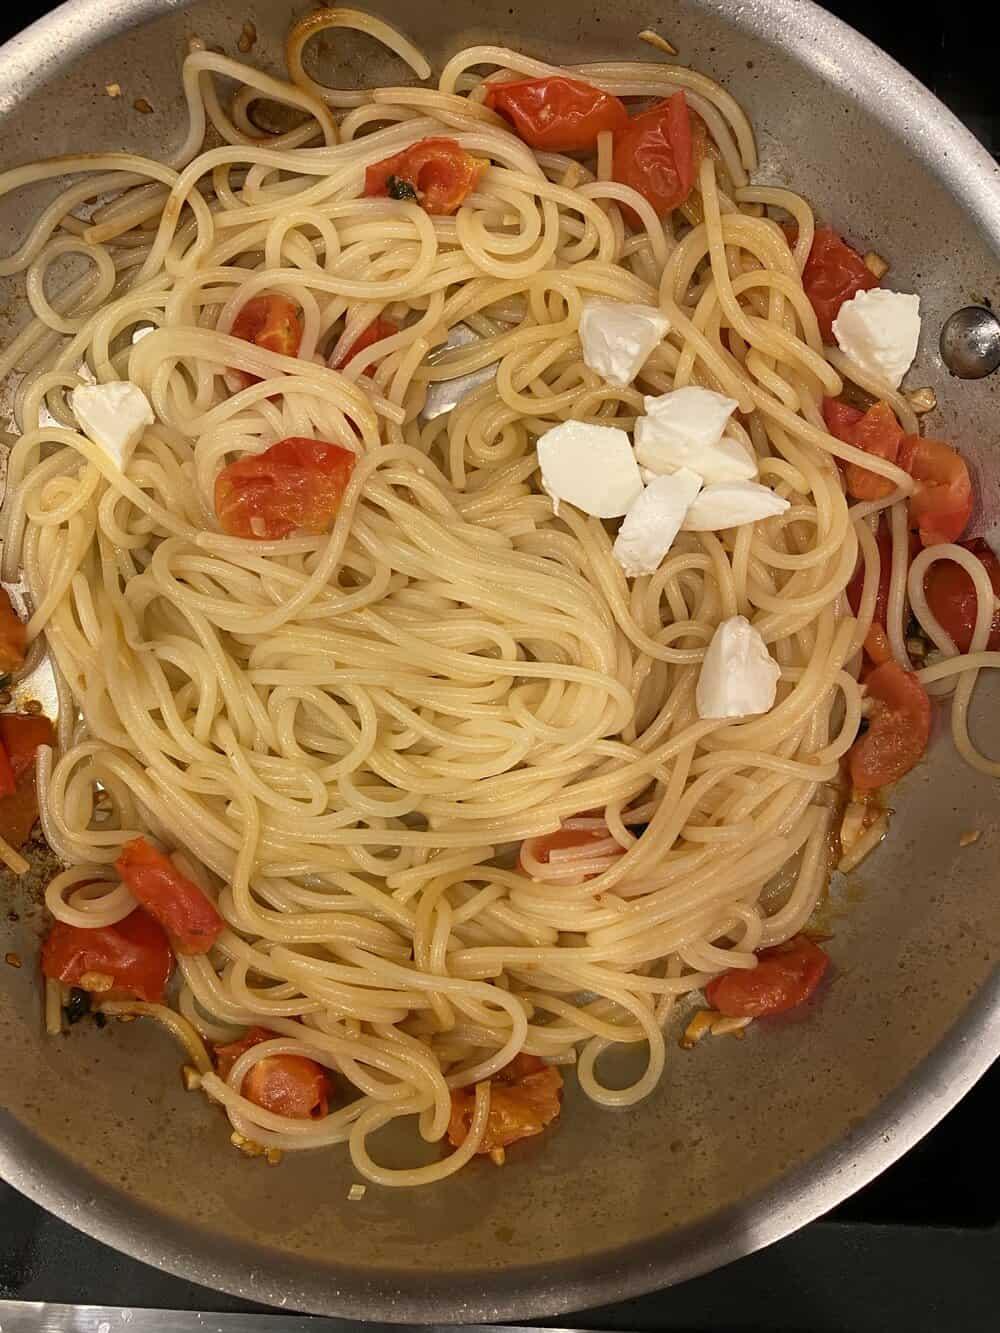 spaghetti pomodoro recipe